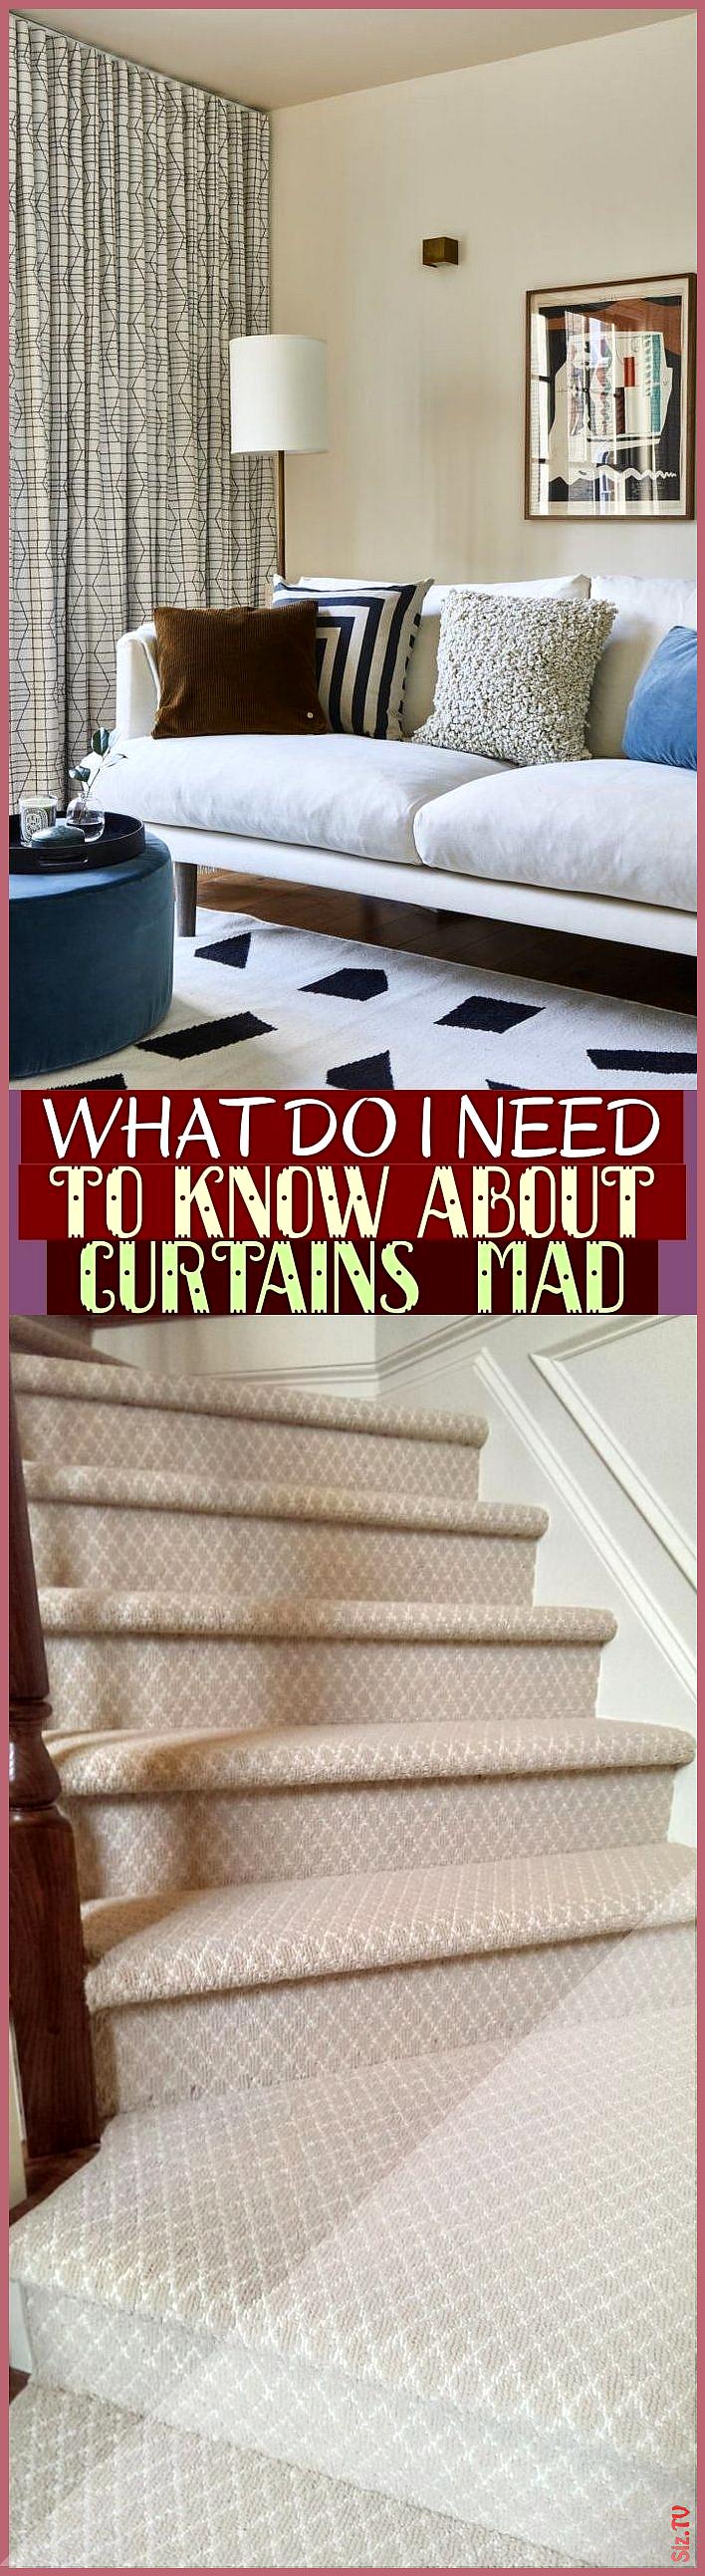 What Do I Need To Know About Curtains Mad carpetforlivingroom was muss ich ber vorh nge wissen mad Rusticcarpetforlivingroom Moderncarpetf What Do I Need To Know About Cu...